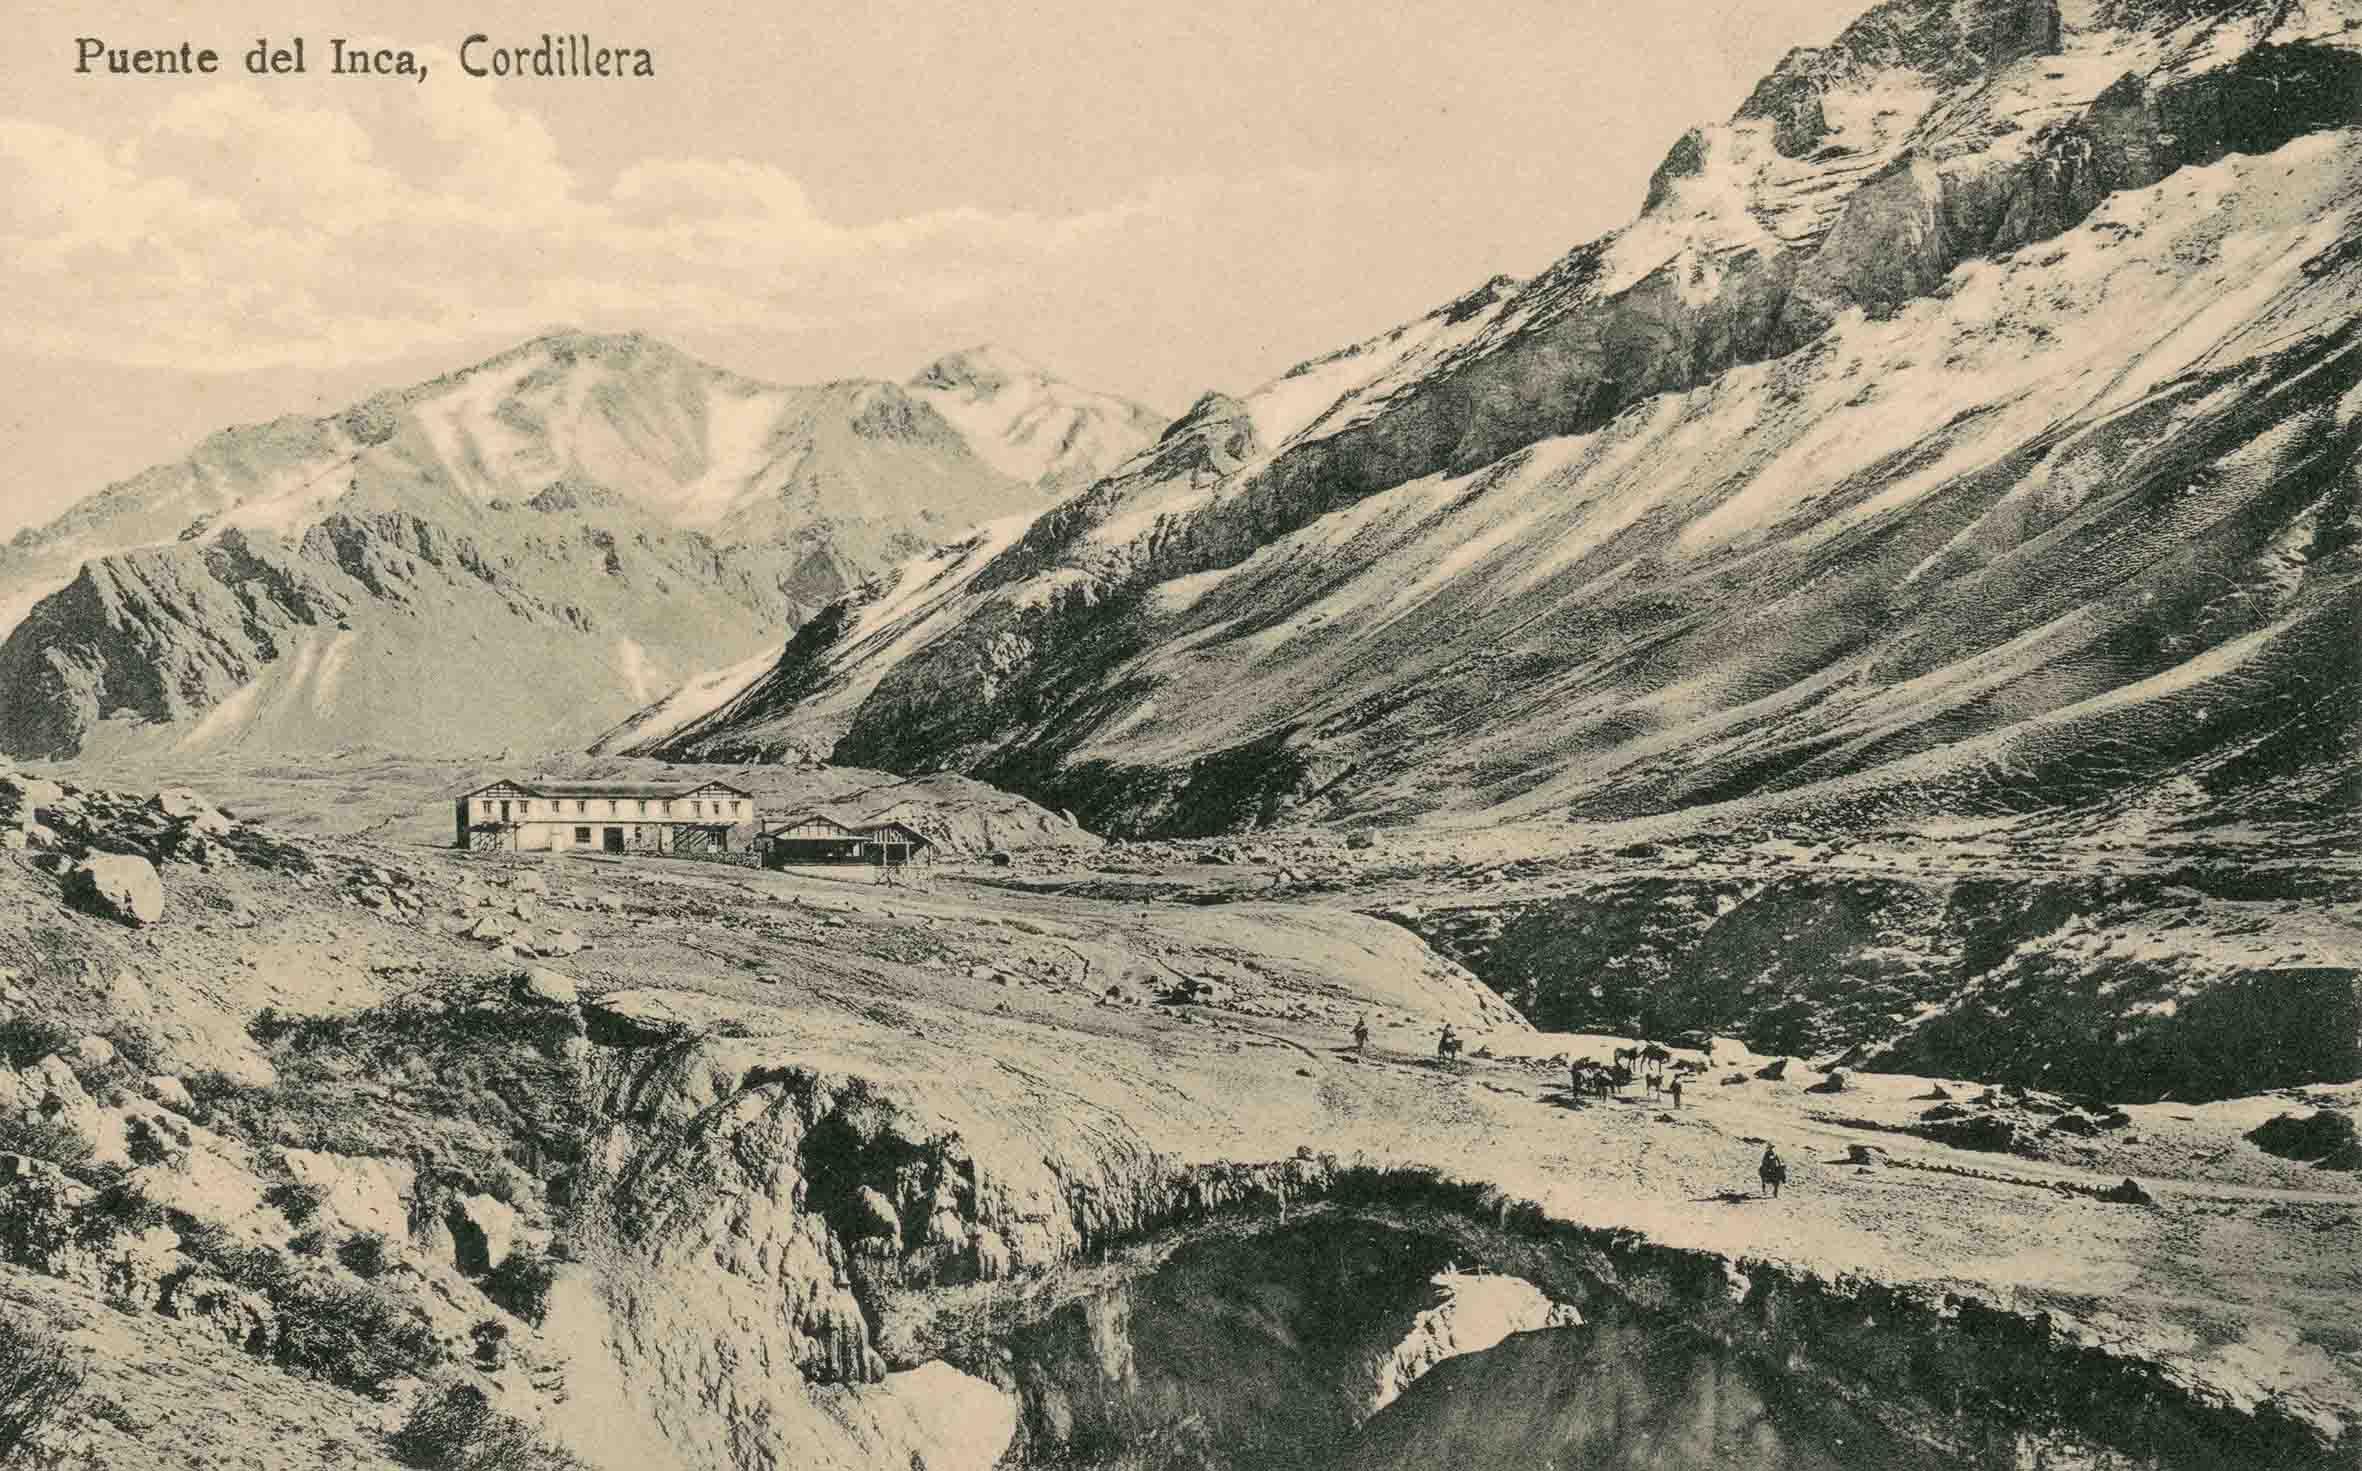 Enterreno - Fotos históricas de chile - fotos antiguas de Chile - Puente del inca ca. 1915